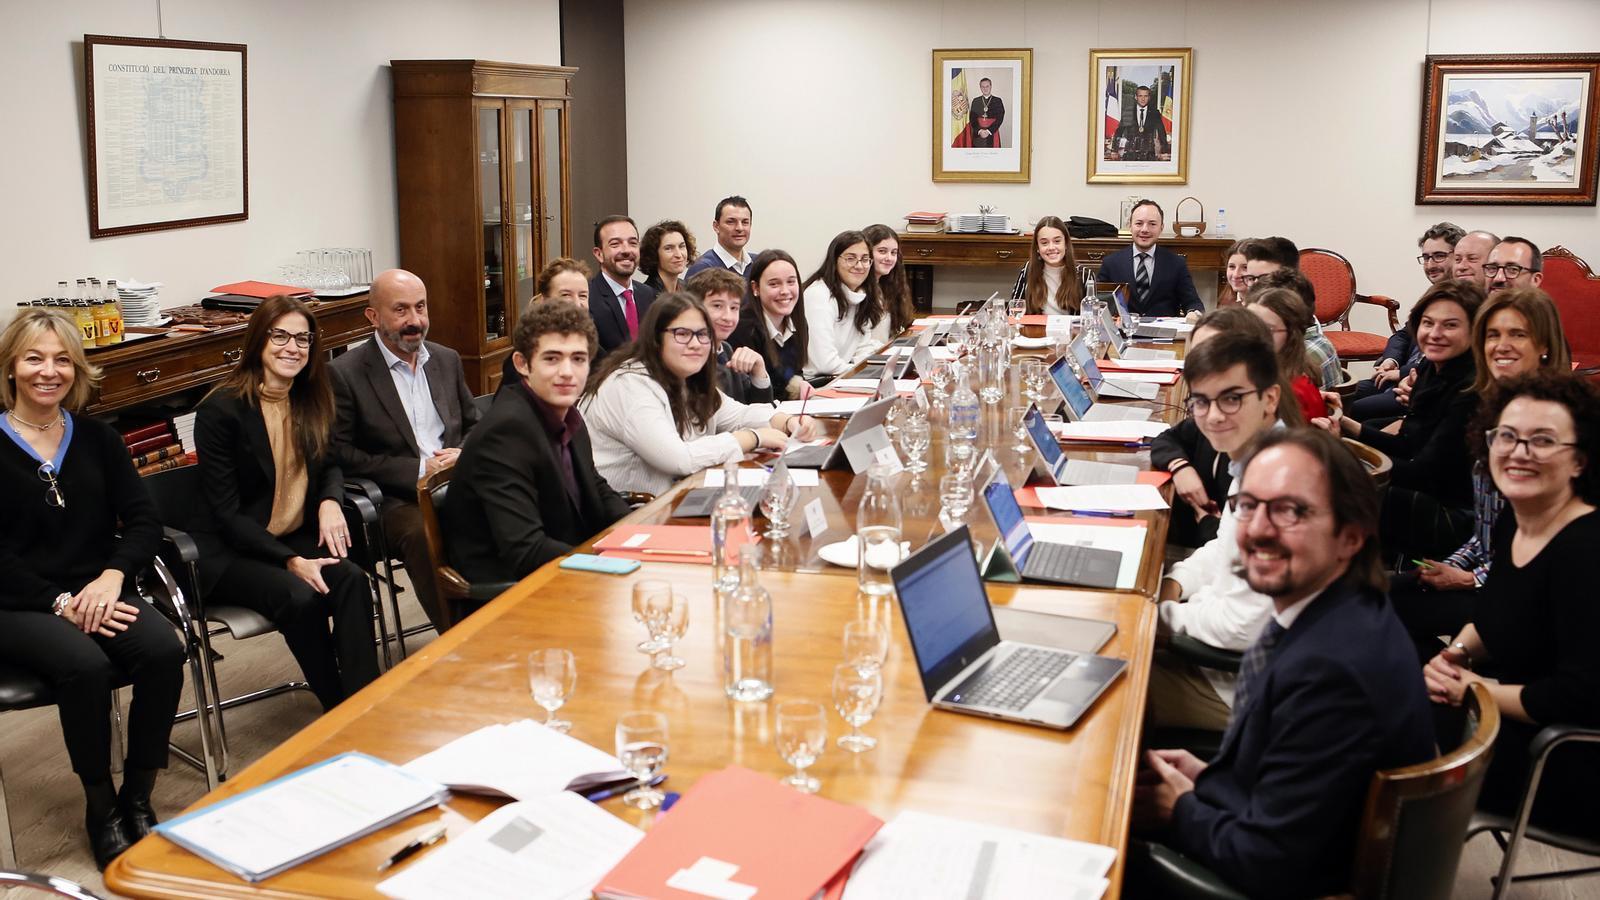 Consell de ministres especial amb joves. / SFG